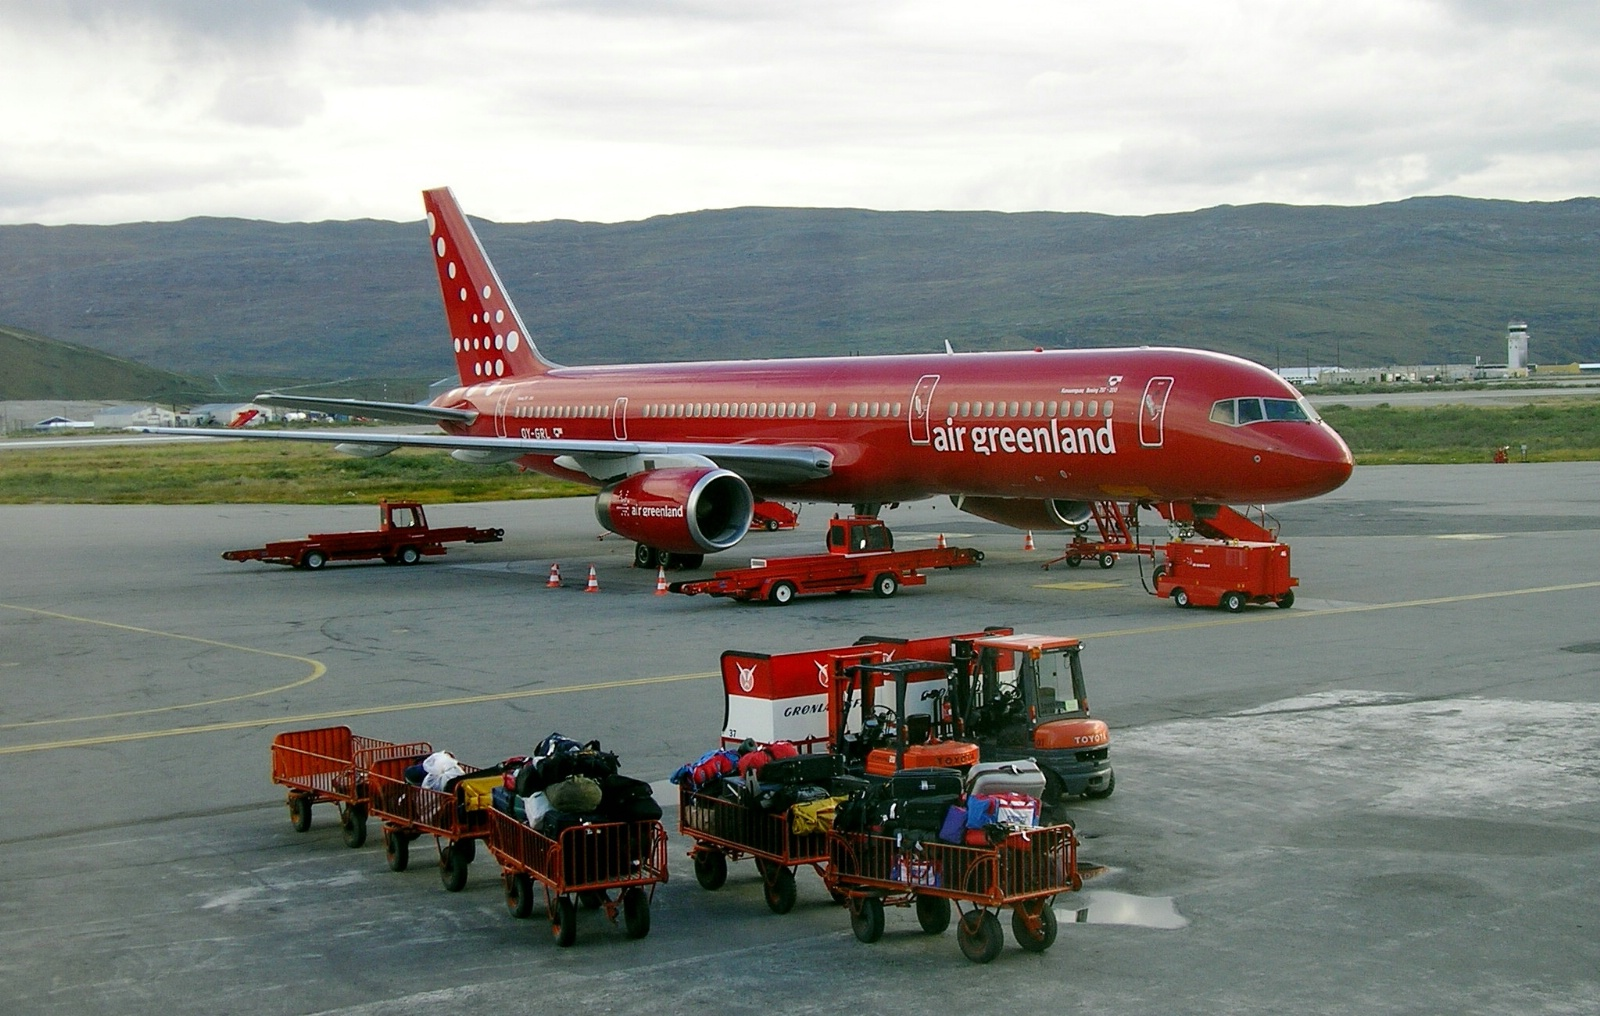 Vejle Rejser – VR Travel – har mistet cirka halvdelen af sin grønlandske omsætning; det danske erhvervsrejsebureau havde omkring 25 procent af sin totalomsætning på salg af rejseydelser til og fra Danmark. Arkivfoto.